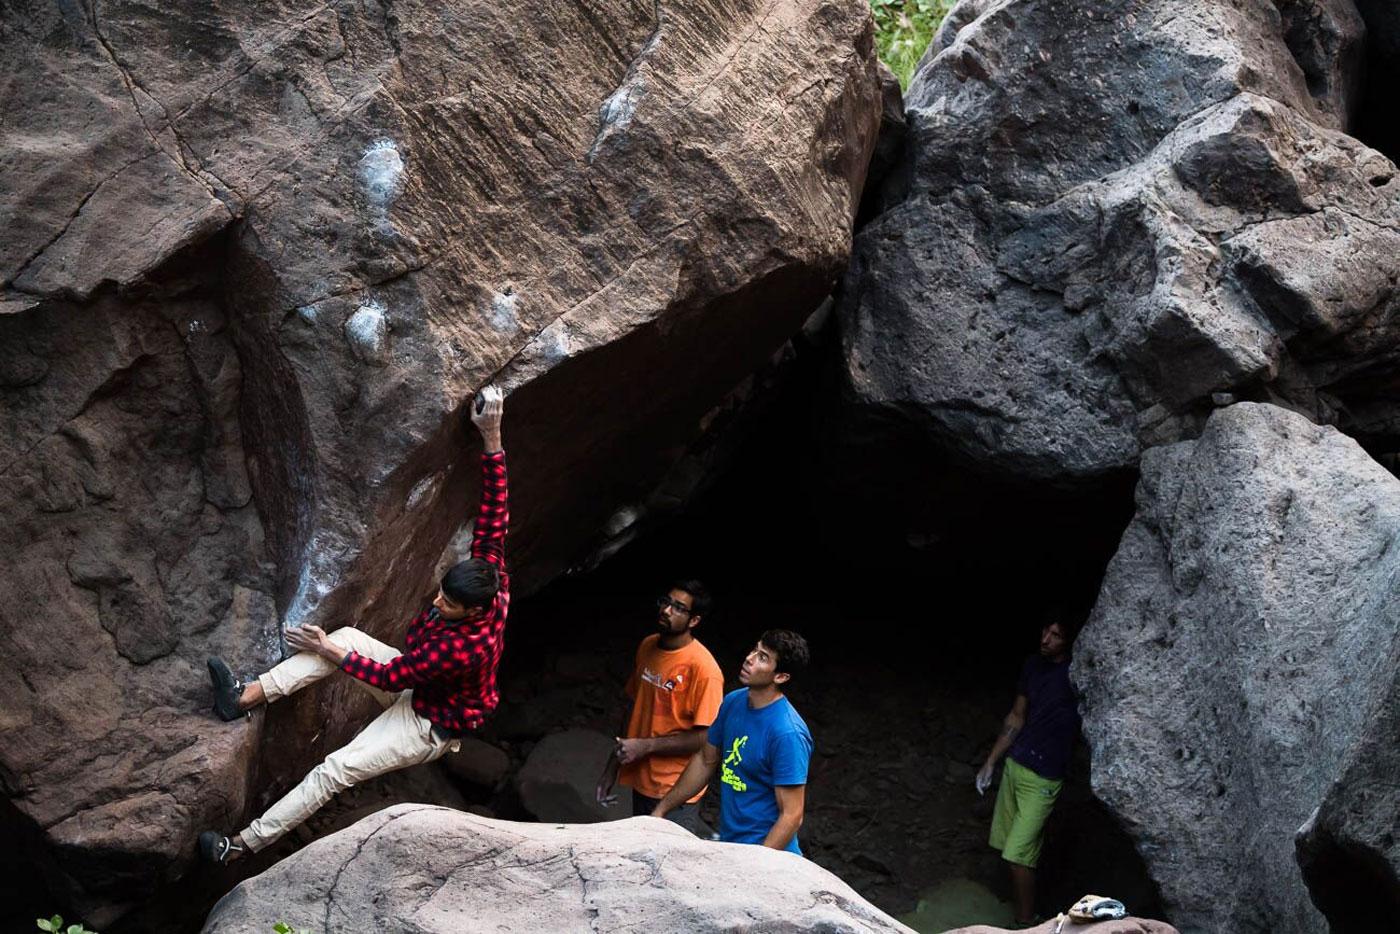 Canary-climbing-servicios-de-escalada-deportiva-islas-canarias-jorge-ortega-BOULDER-12